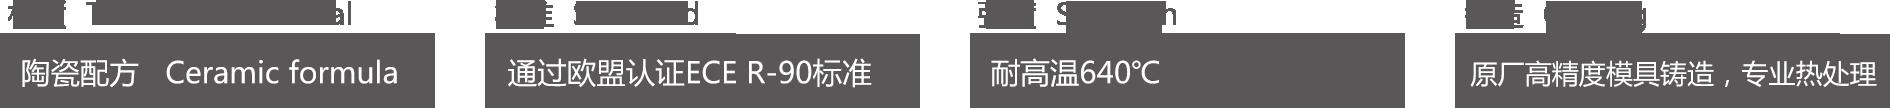 制豹陶瓷刹车片配方